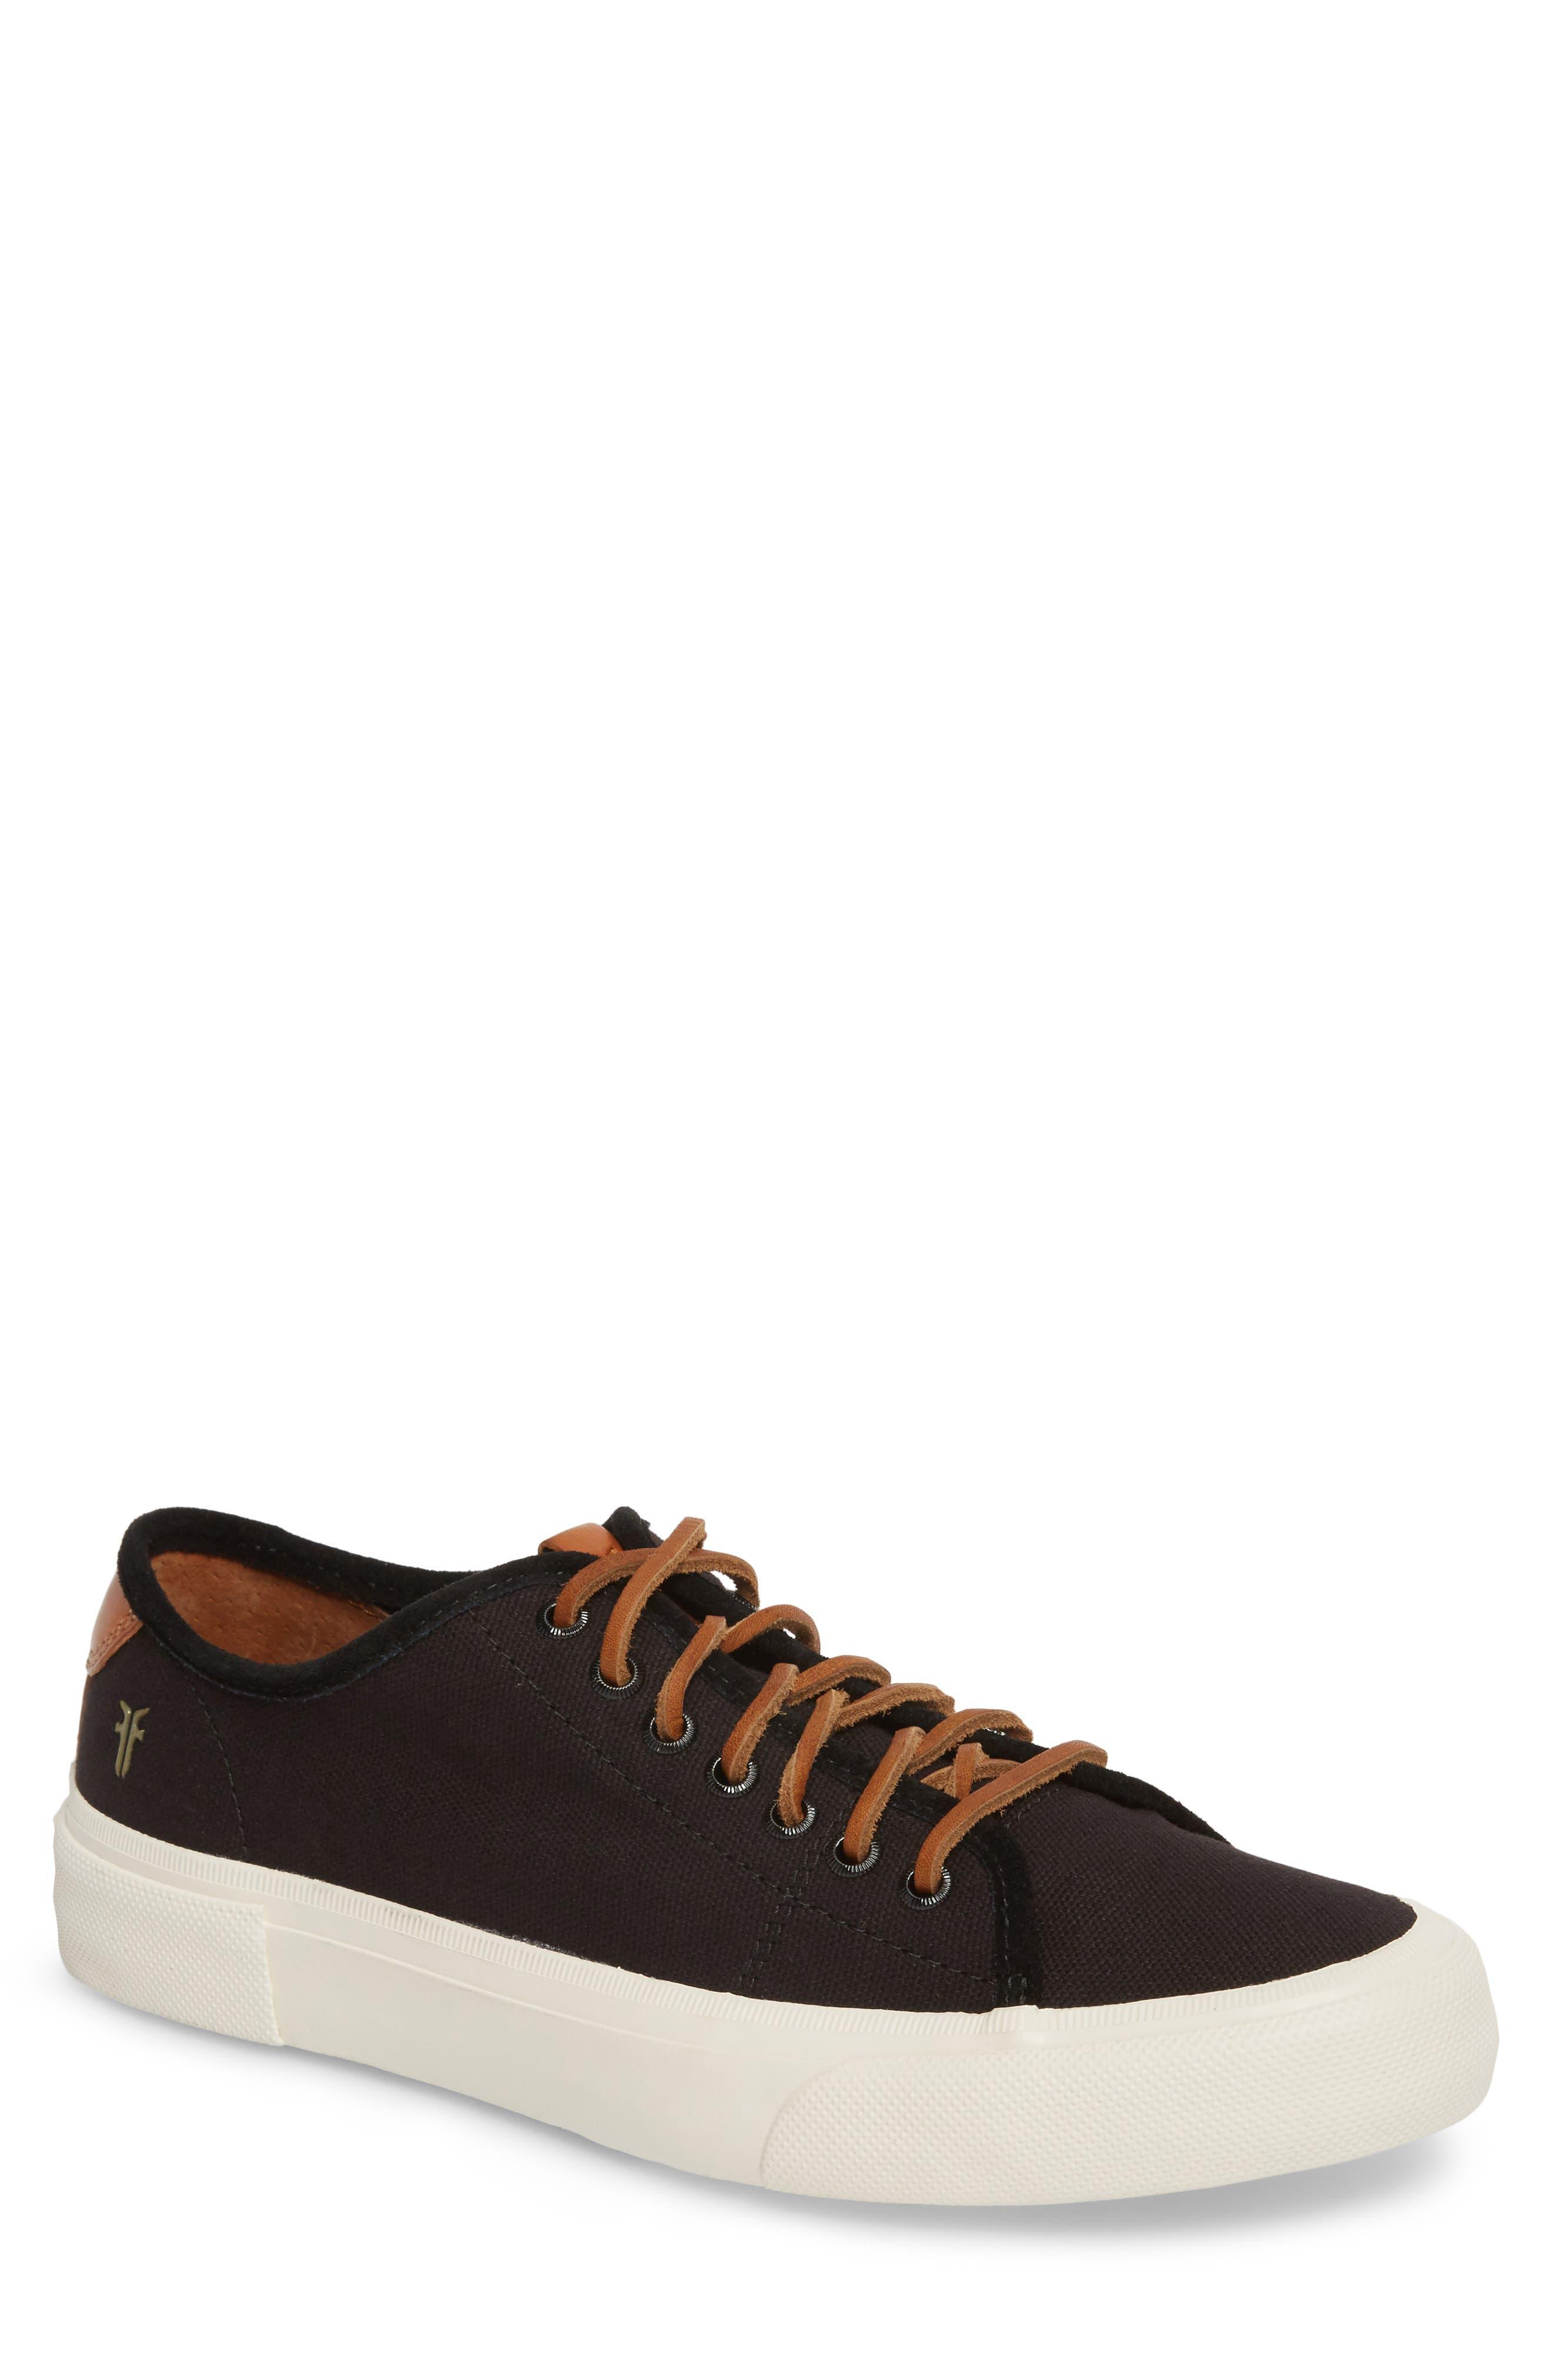 Ludlow Low Top Sneaker,                             Main thumbnail 1, color,                             001